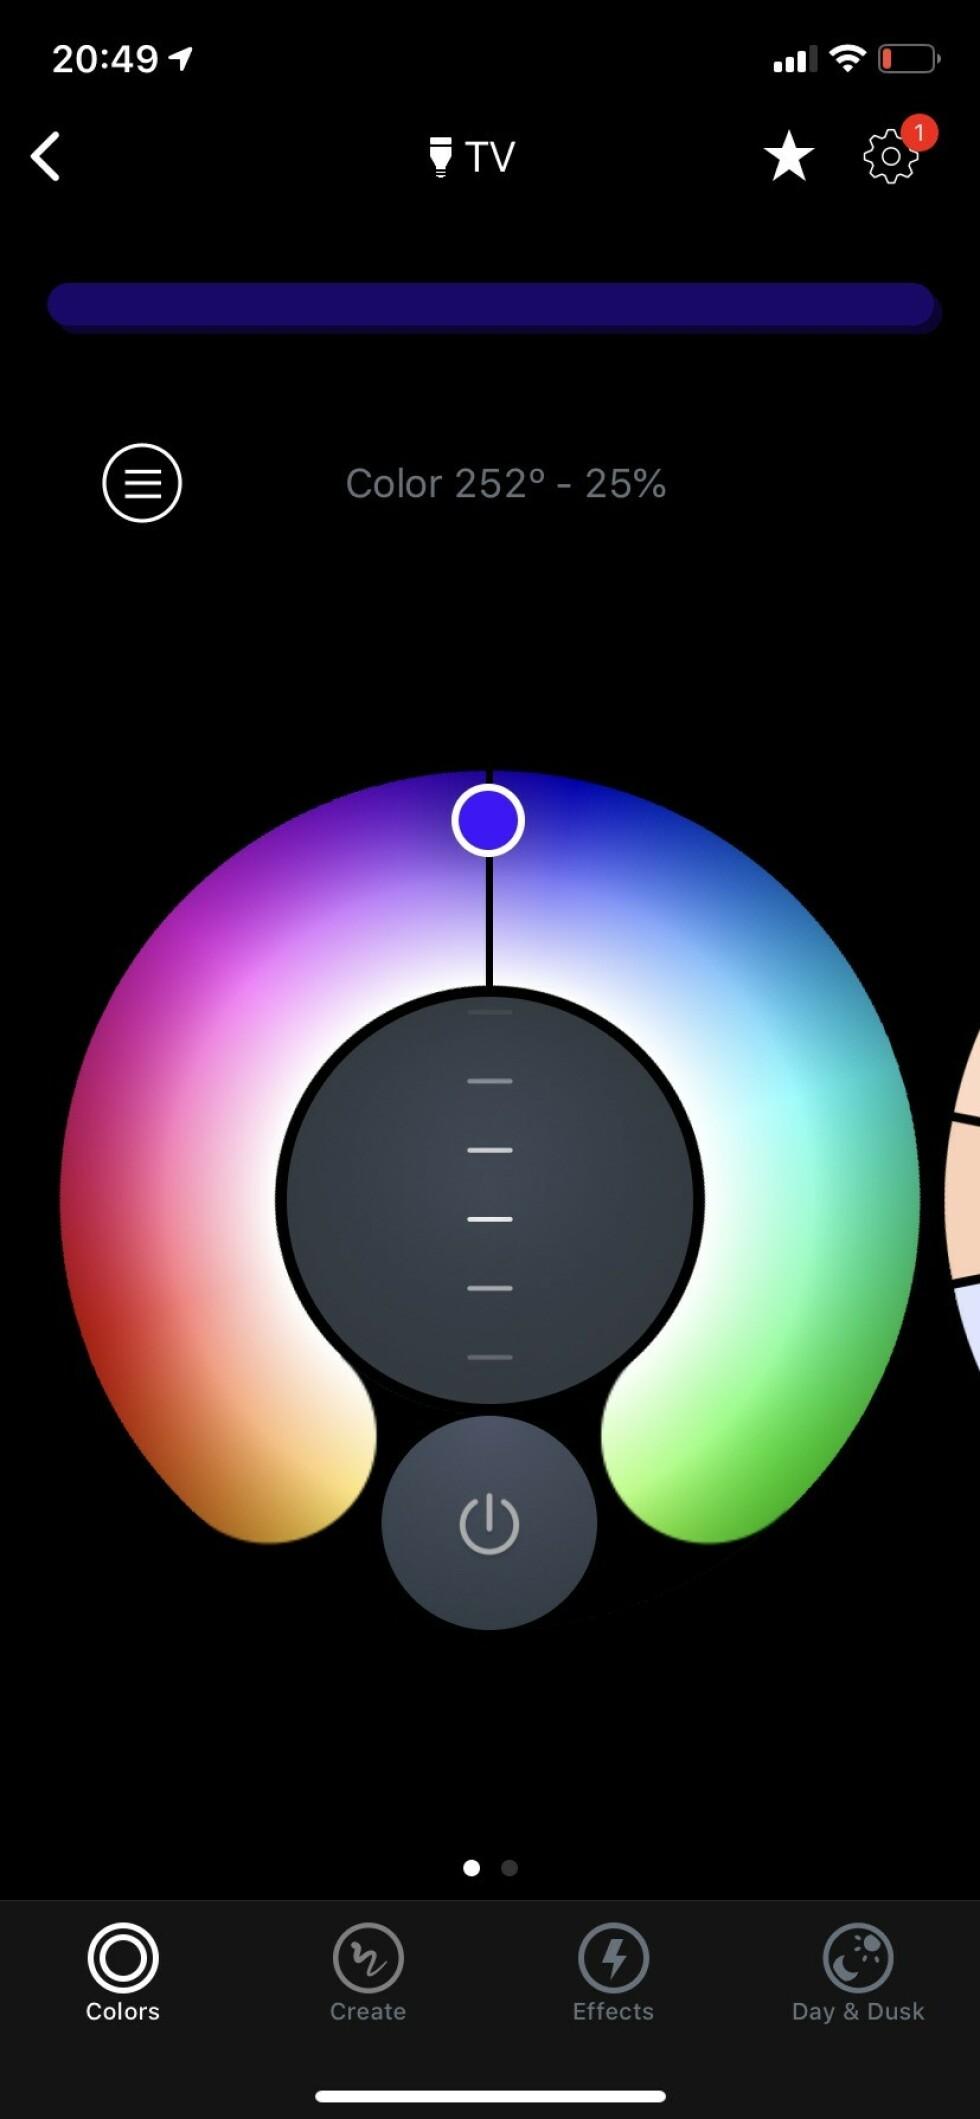 EGNE INNSTILLINGER: Har du lagt inn den nye TV-lysstripa i appen (følg instruksjonene) kan du nå skru lyset av og på på første side. Trykker du på «TV» (om du har kalt den nye lista di for det) kommer du inn første side i menyen for dette lyset. Her kan du velge farge og styrke på lyset. Foto: Øystein B. Fossum